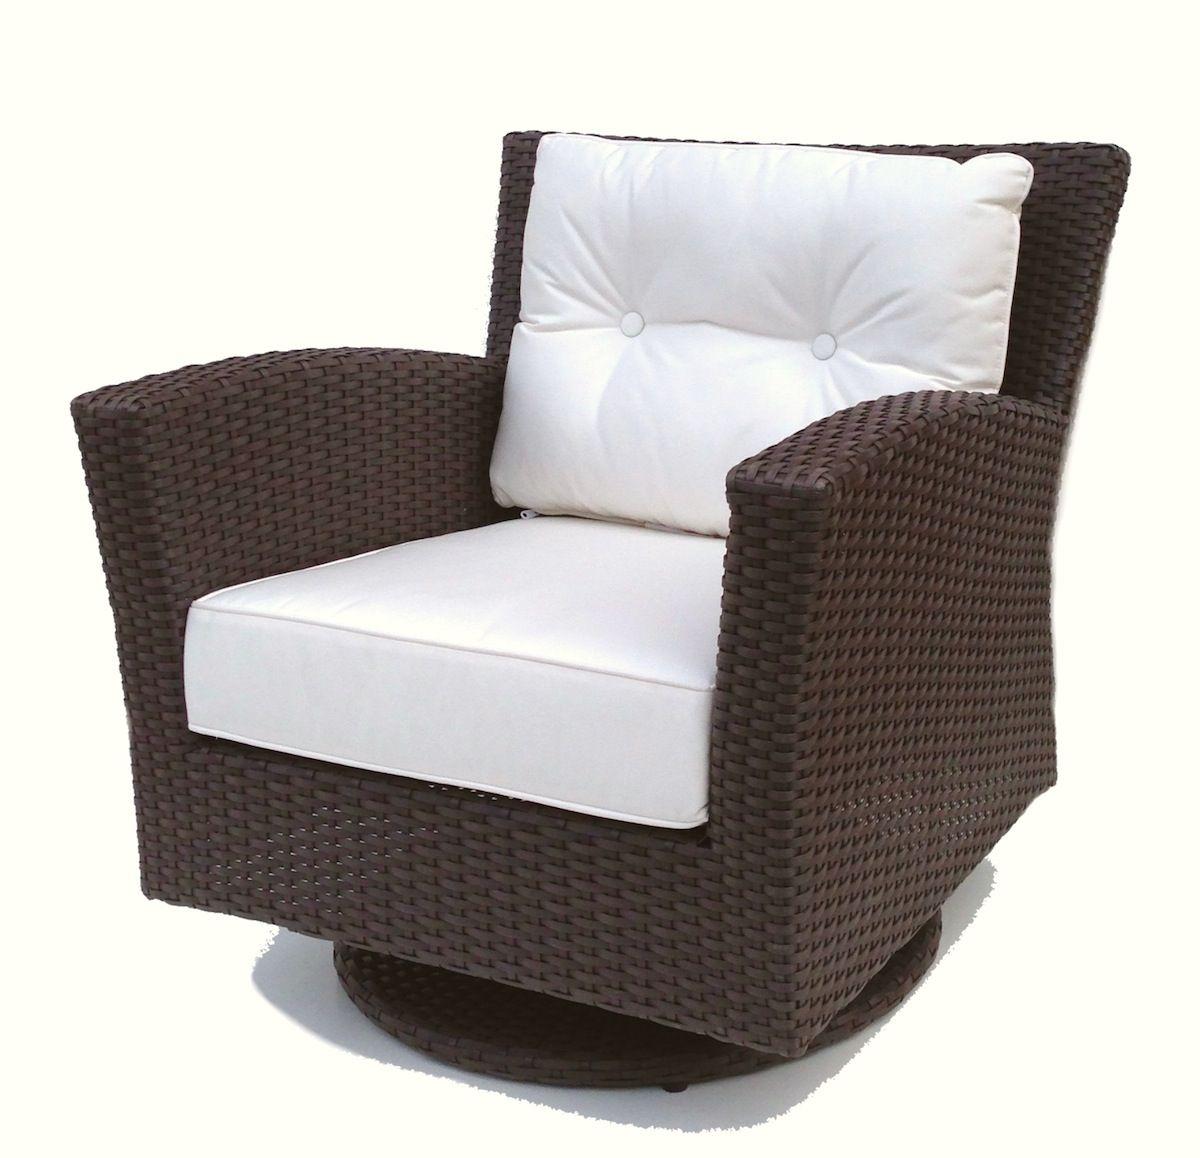 Outdoor Wicker Swivel Rocker Chair